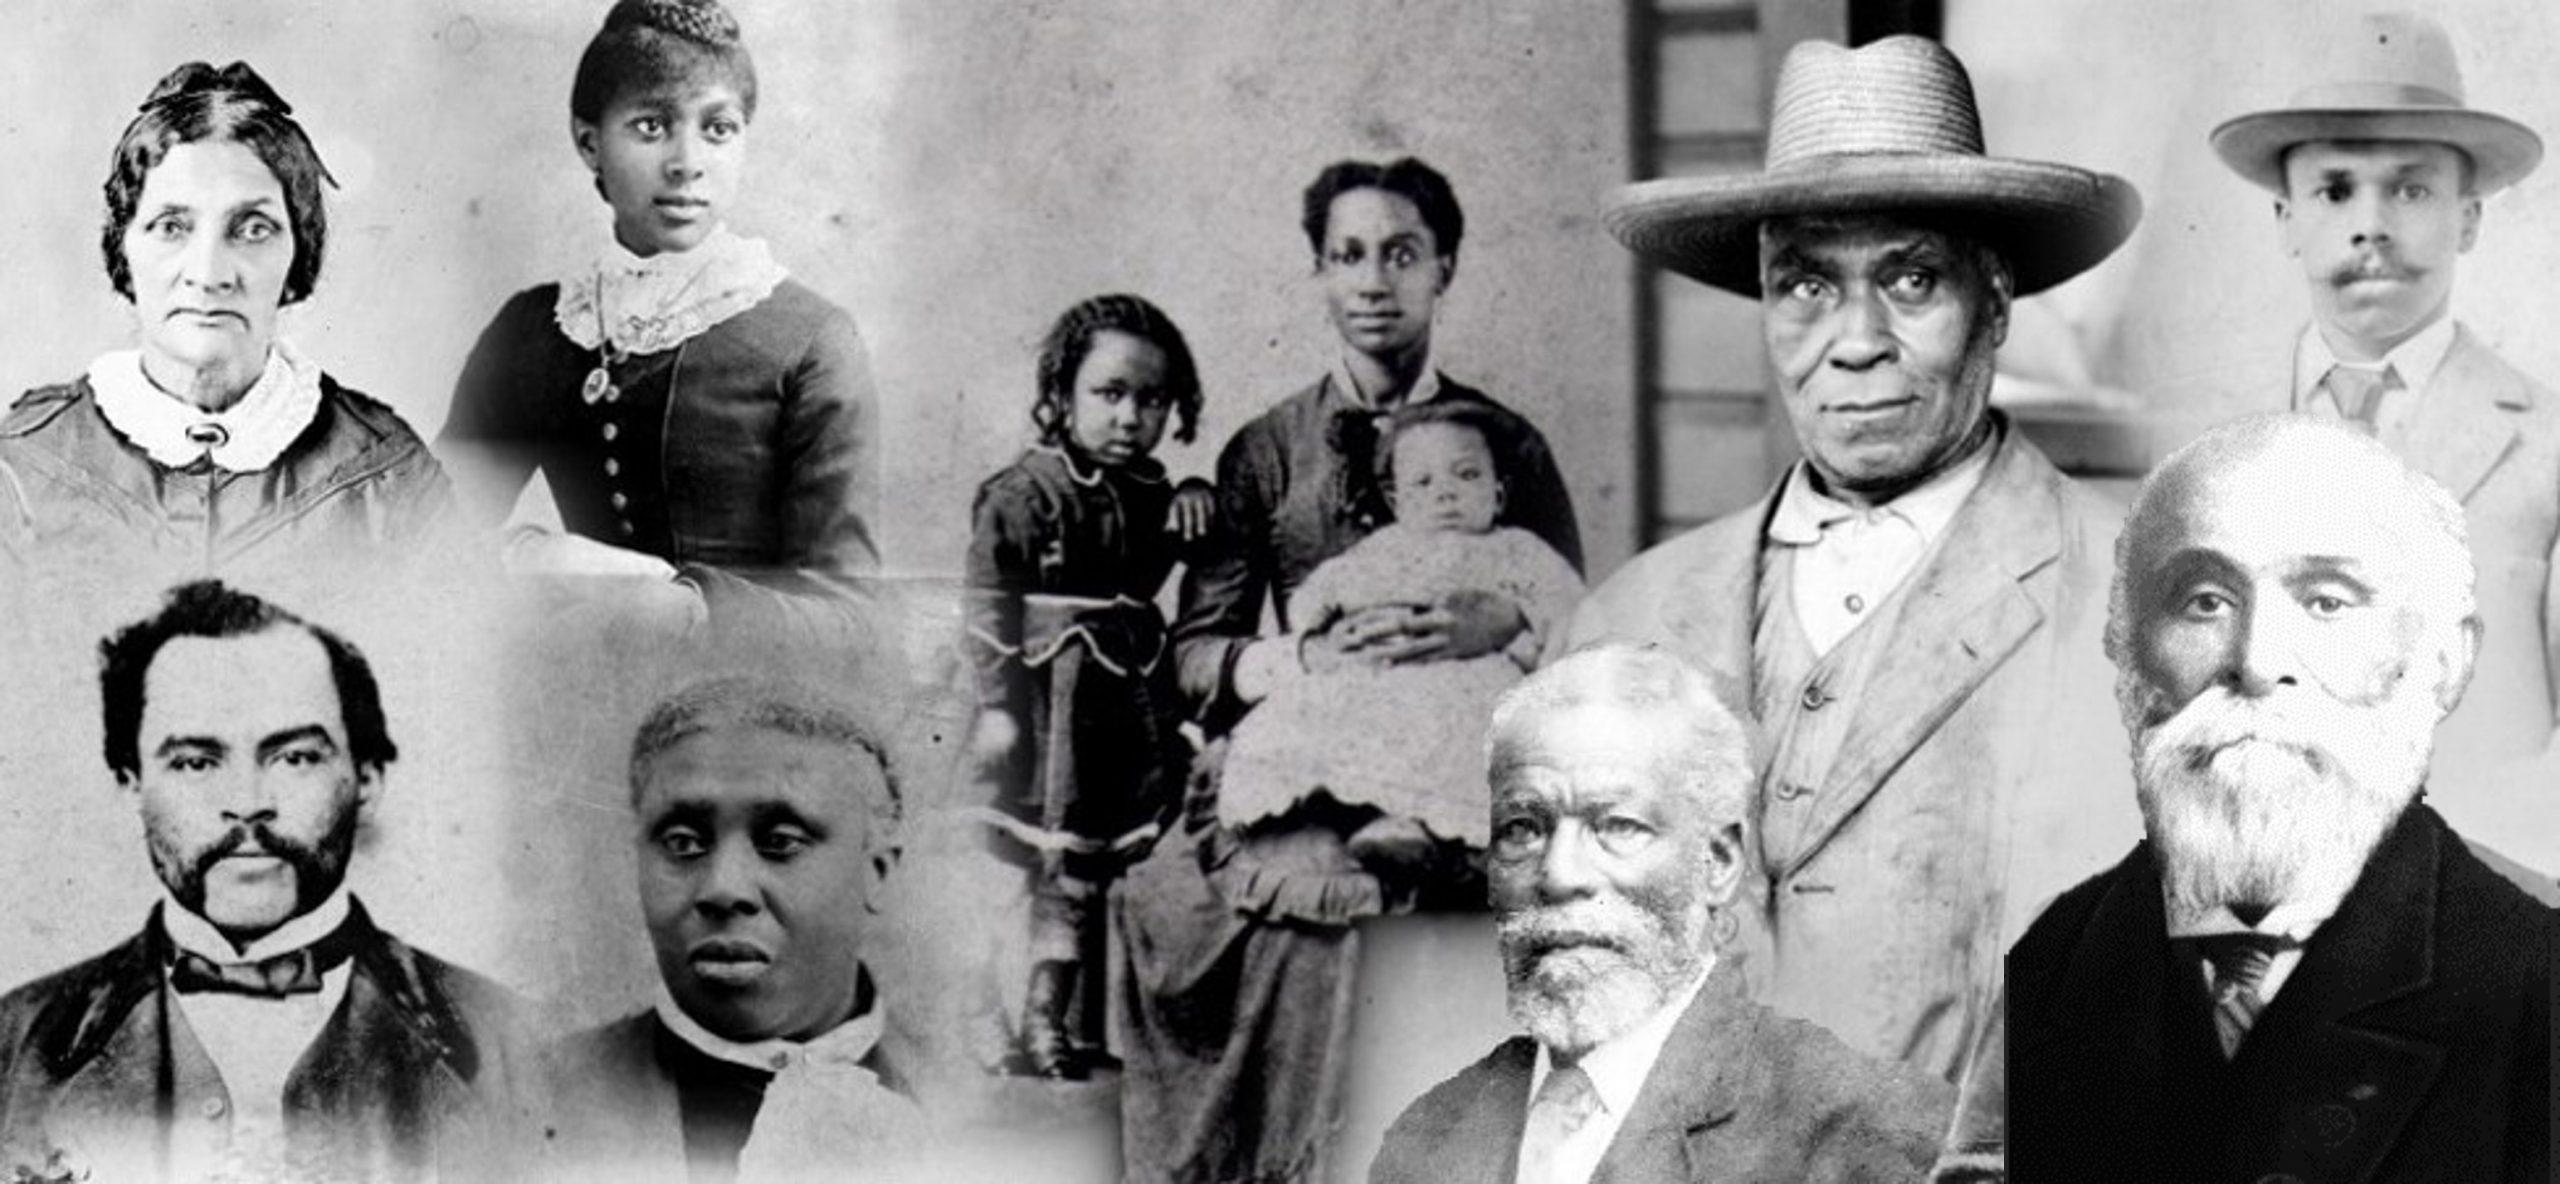 collage de visages d'hommes, de femmes et d'enfants noirs d'âges divers arrivés en Colombie-Britannique en 1858